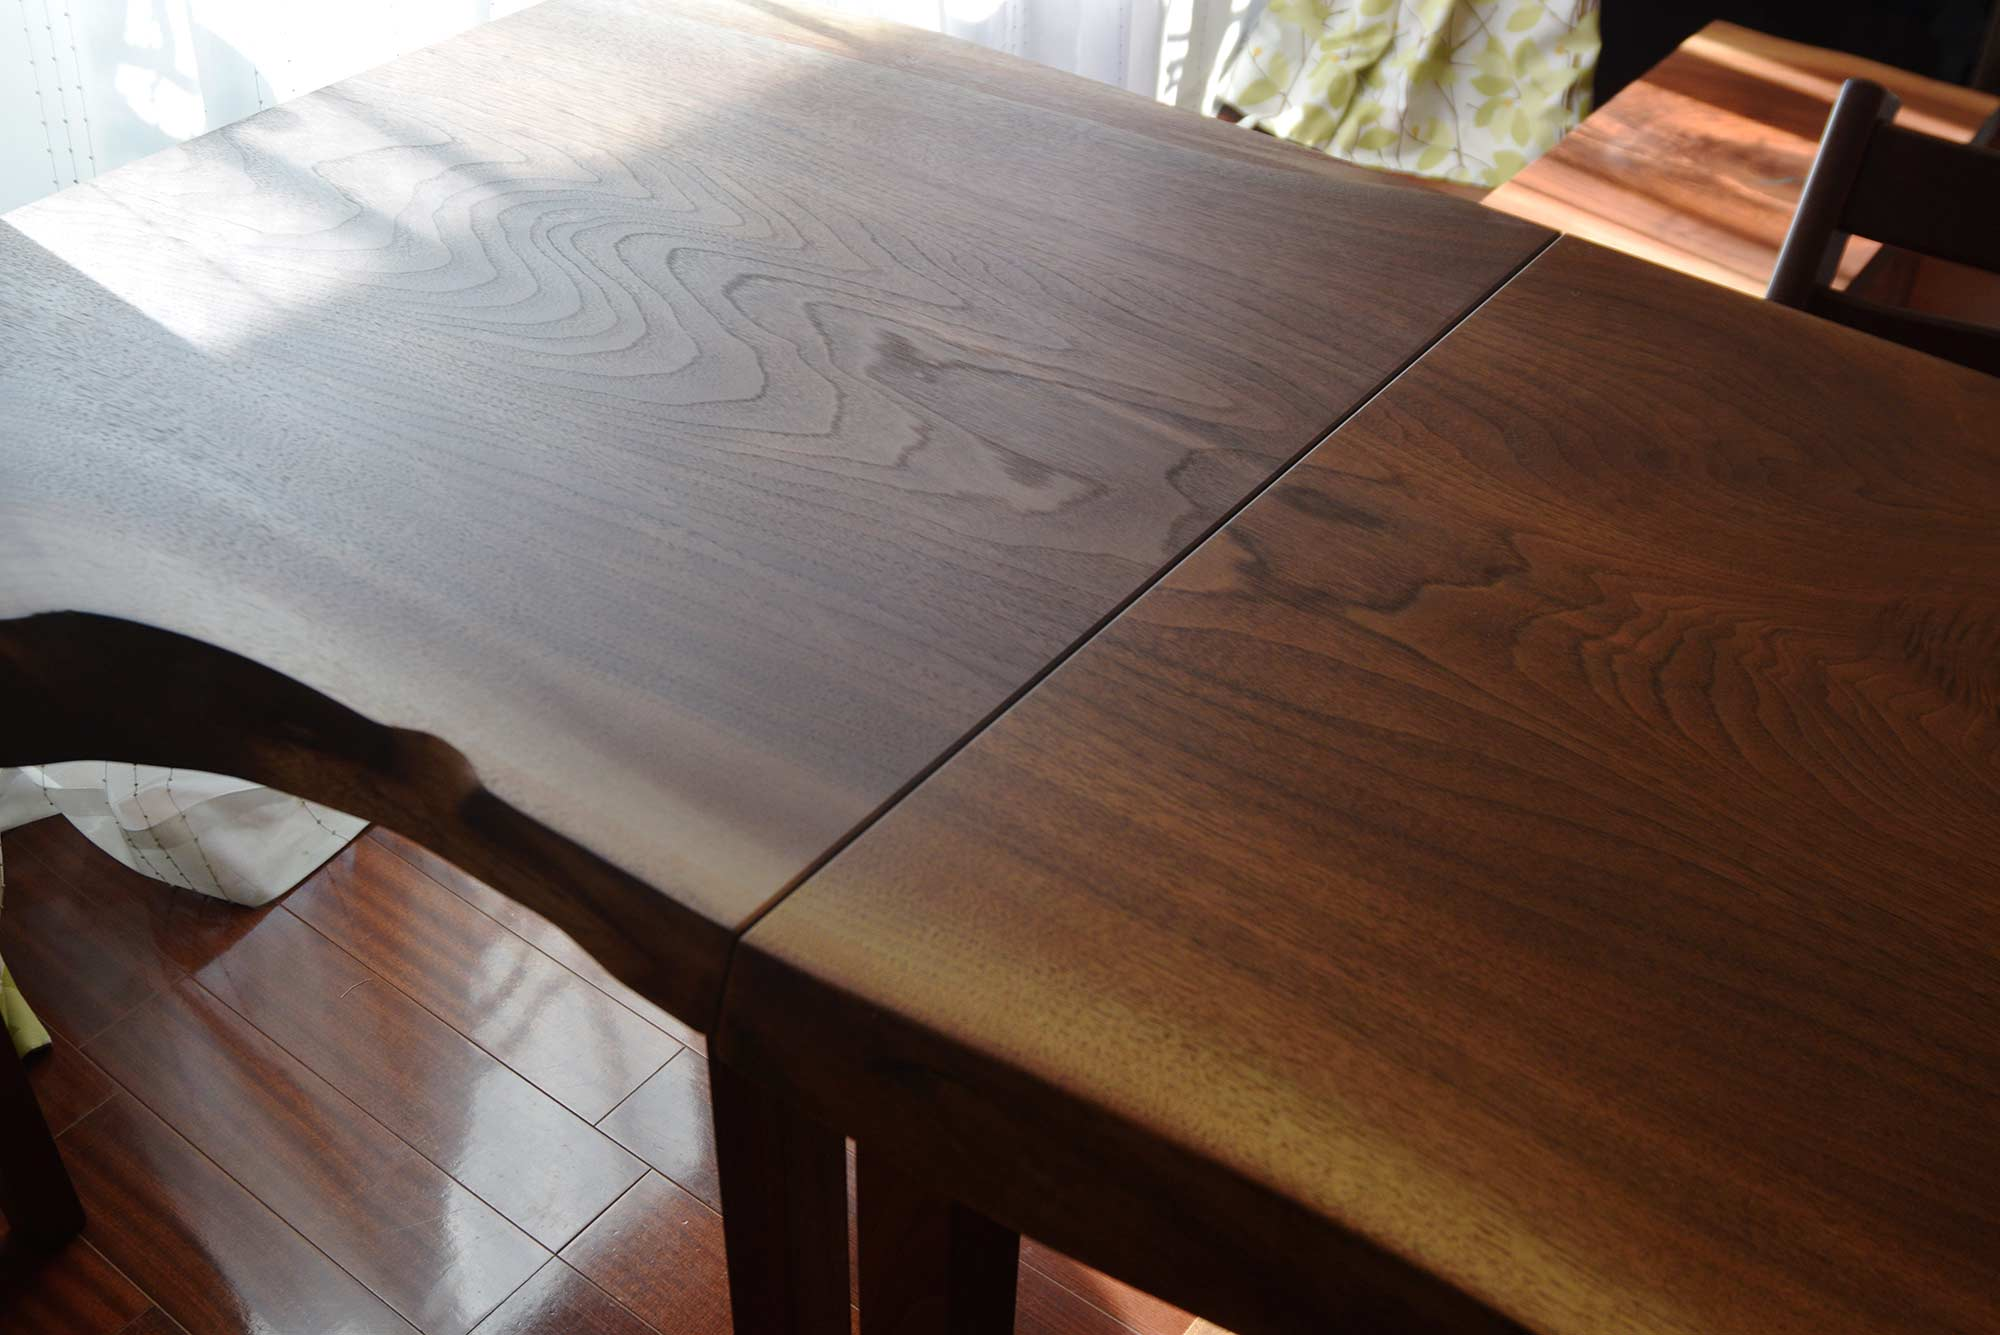 開け罹患ブラックウォールナット天板テーブルをご納品した様子です